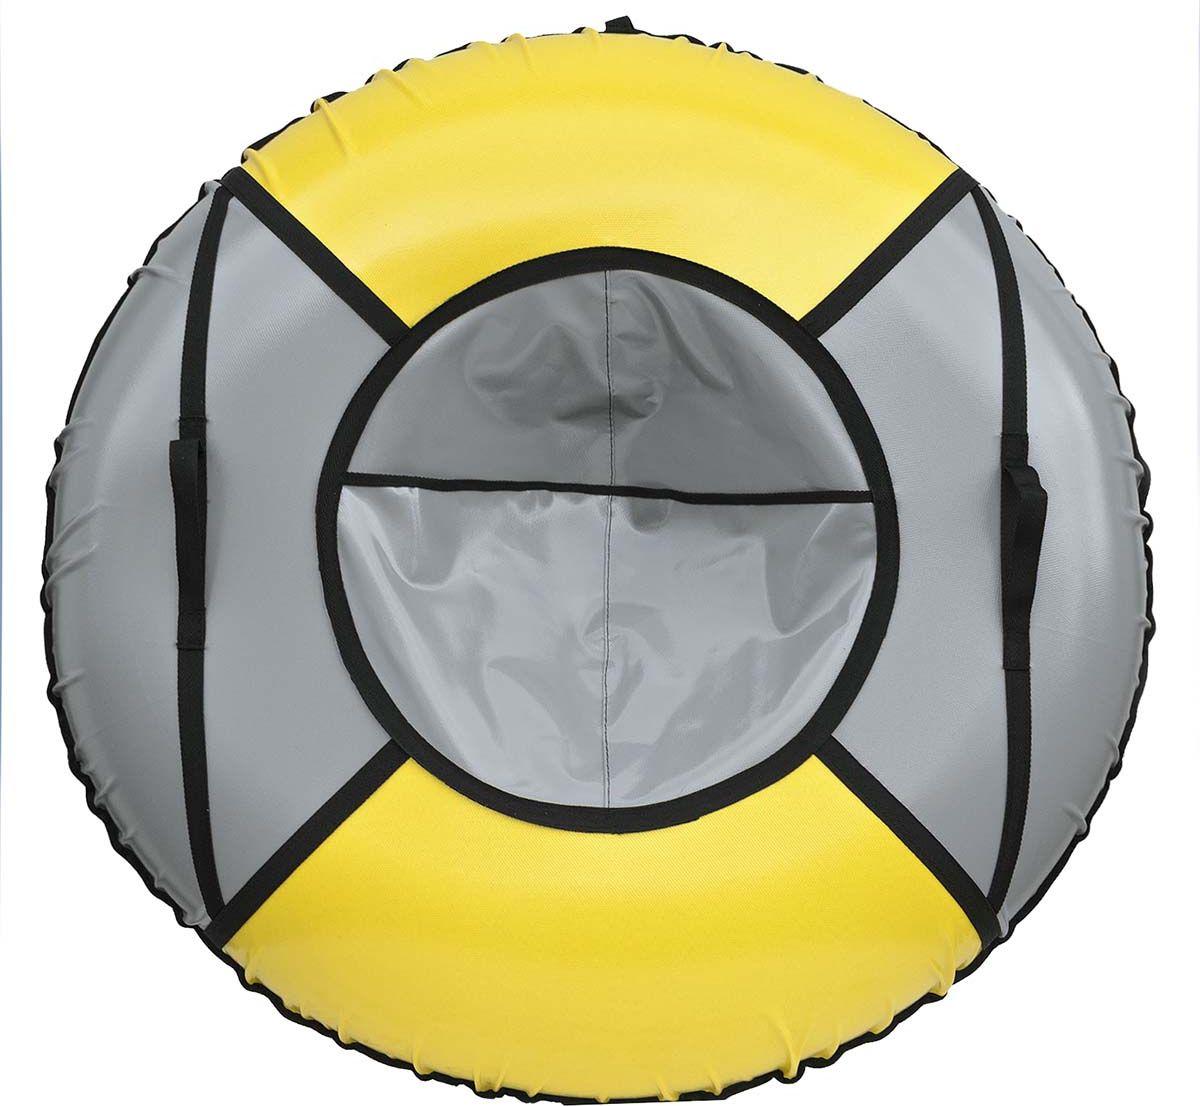 Тюбинг Эх, Прокачу! Профи-4, цвет: серый, желтый, диаметр 70 смСП70-4-3Любимая детская зимняя забава - это кататься с горки. А катание на тюбинге Эх, Прокачу! Профи-4 надолго запомнится вам и вашим близким. Свежий воздух, веселая компания, веселые развлечения - эти моменты вы будете вспоминать еще долгое время.Особенности: Материал - ткань ПВХ, плотность 630 г/м2.Диаметр в надутом виде - 70 см.Морозоустойчивость - до -45 градусов.Камера российского производства, буксировочный ремень. Тюбинг не предназначен для буксировки механическими или транспортными средствами (подъемники, канатные дороги, лебедки, автомобиль, снегоход, квадроцикл и т.д.).Допускается деформация формы санок из-за неравномерности надувания камеры.